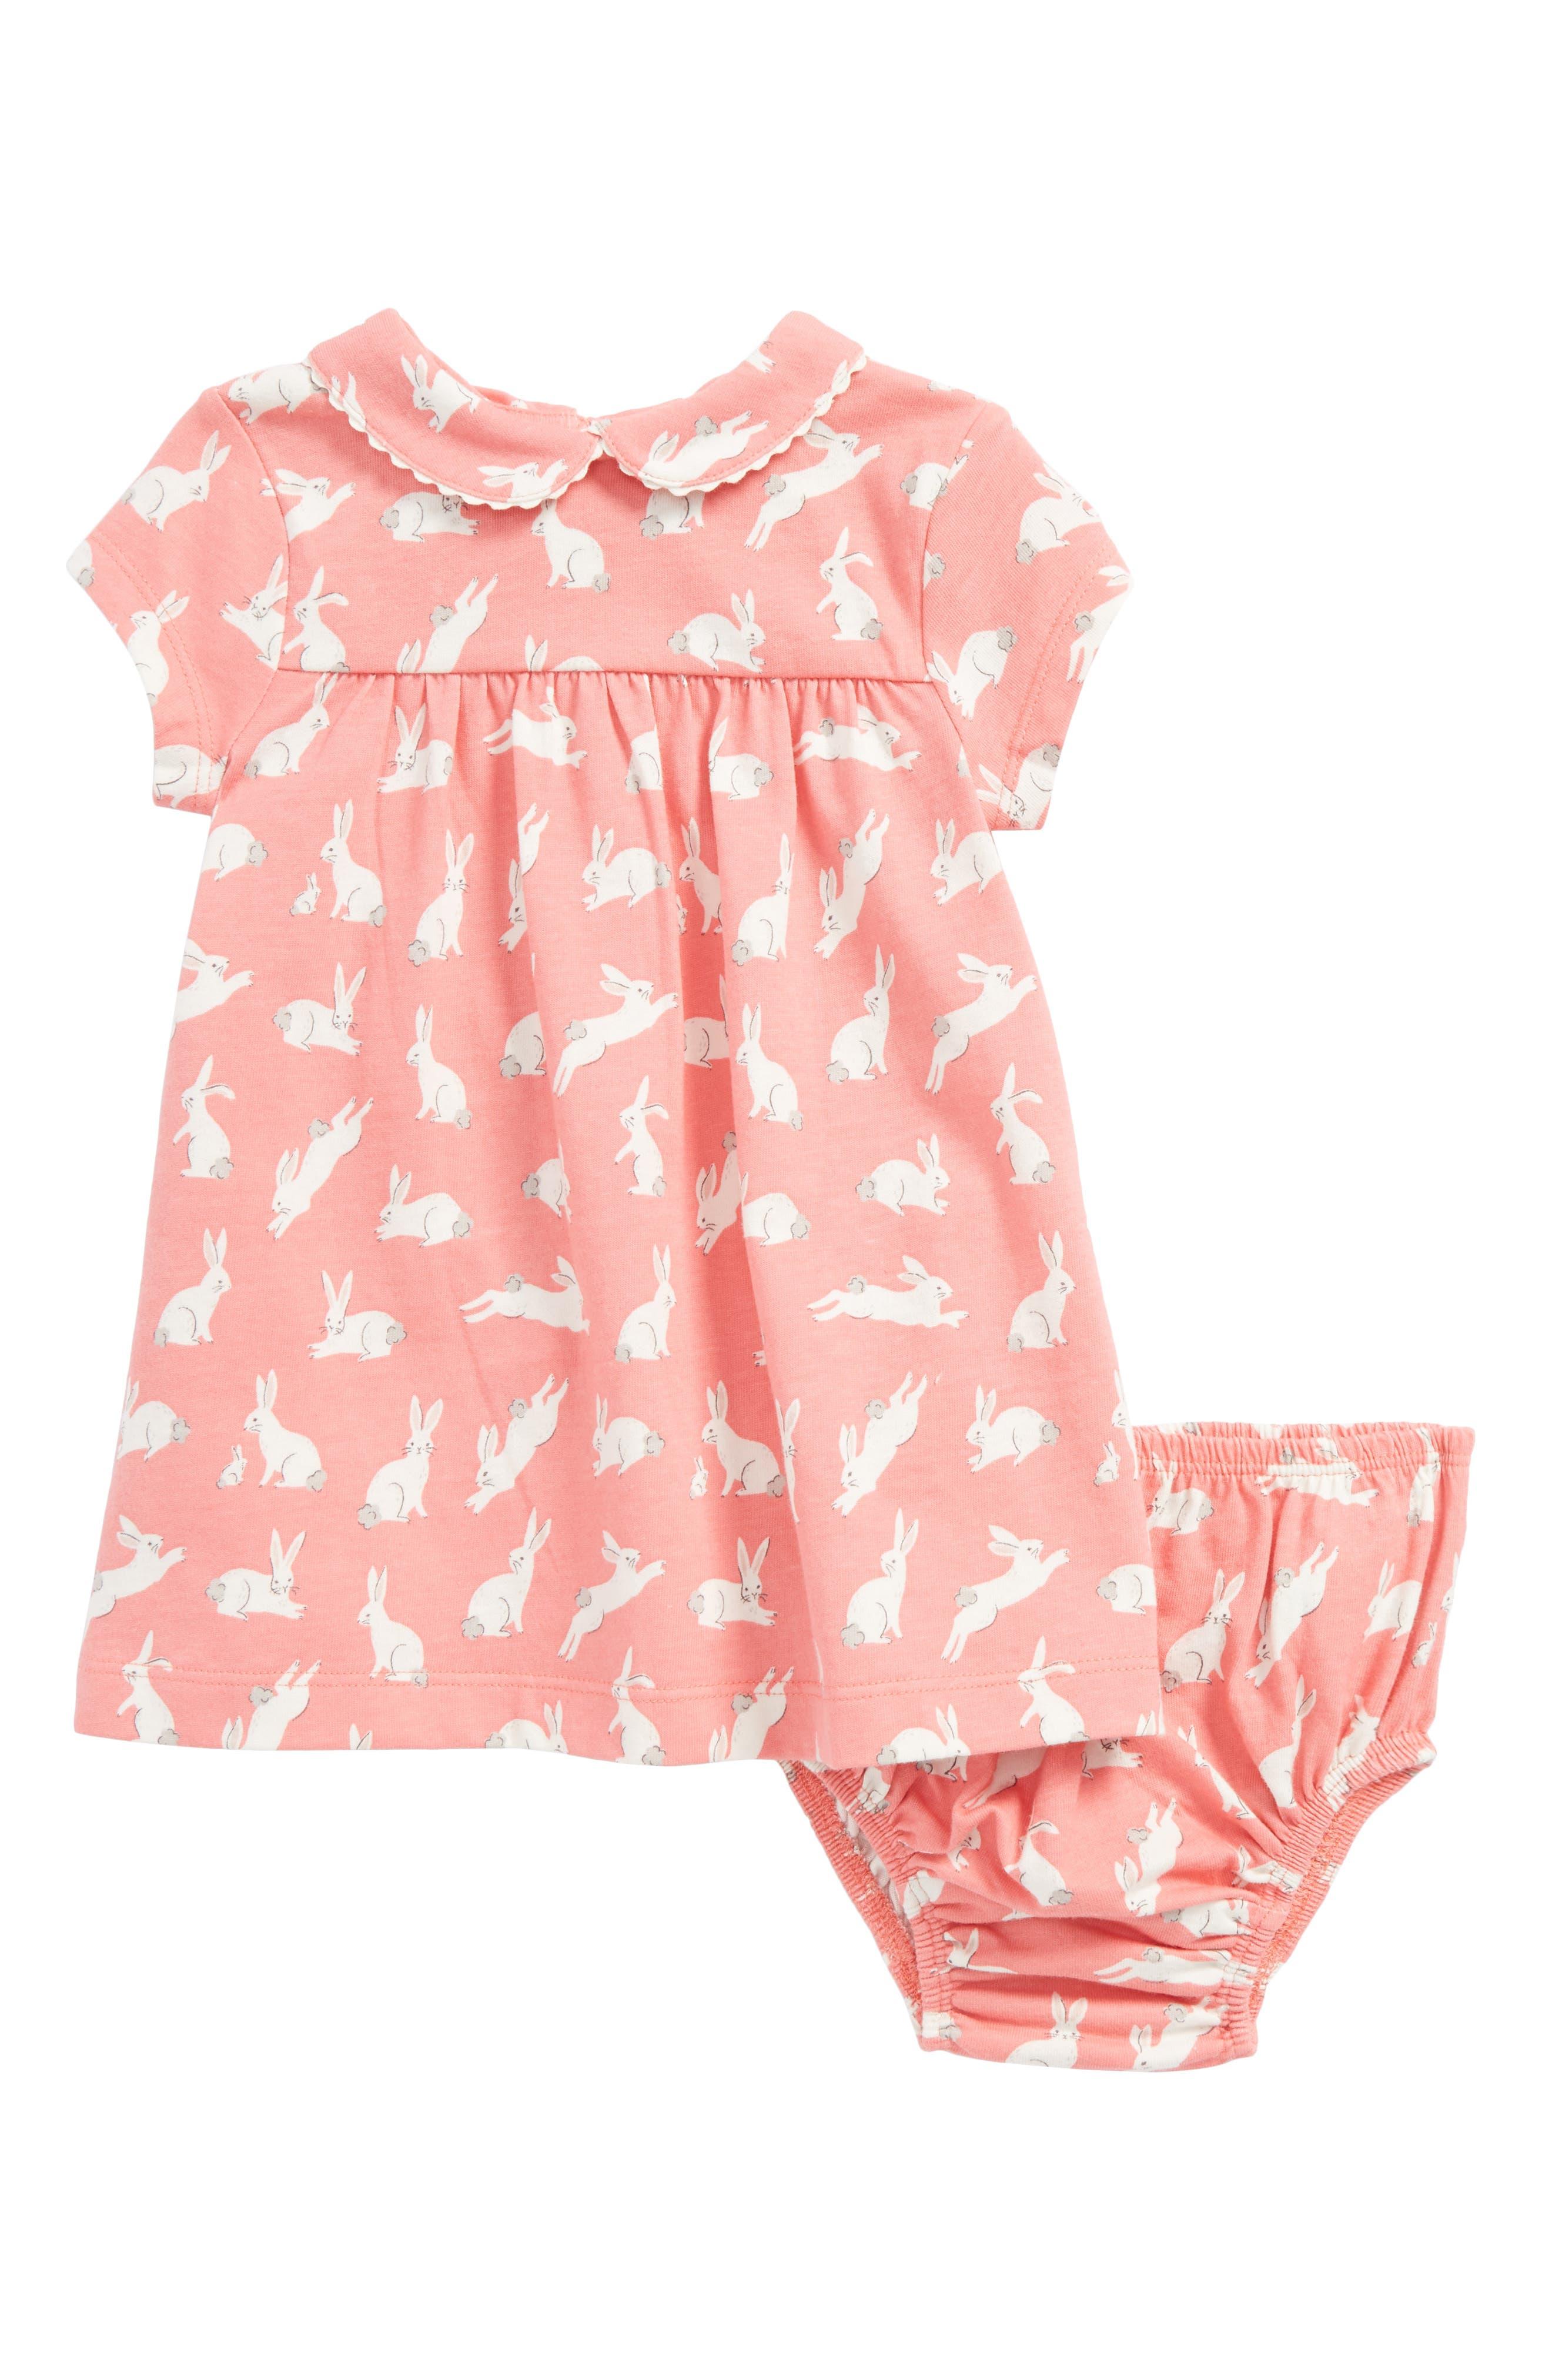 Mini Boden Bunnies Print Jersey Dress (Baby Girls & Toddler Girls)